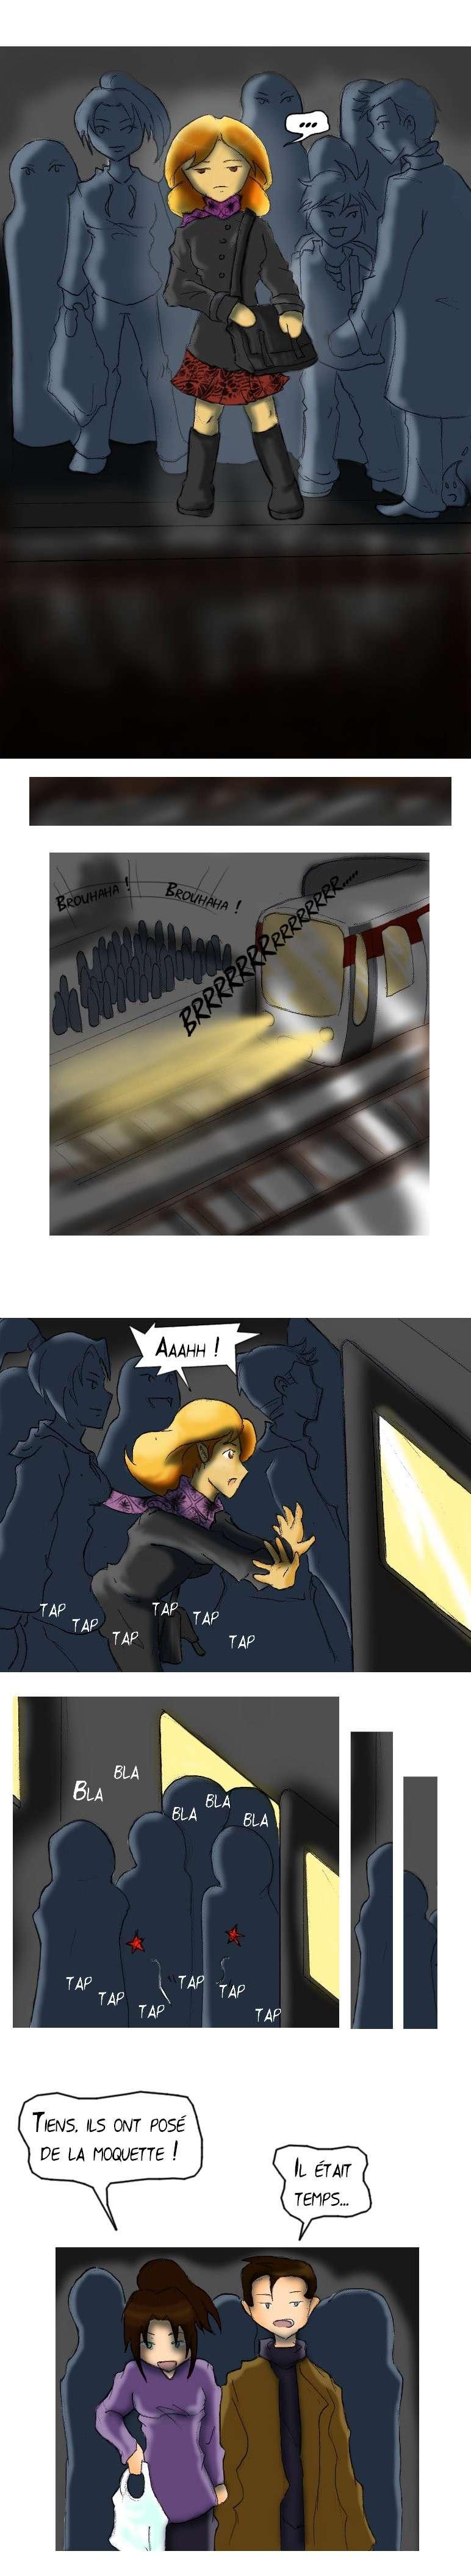 Triste mésavanture arrivée a Ediel dans le métro de lyon